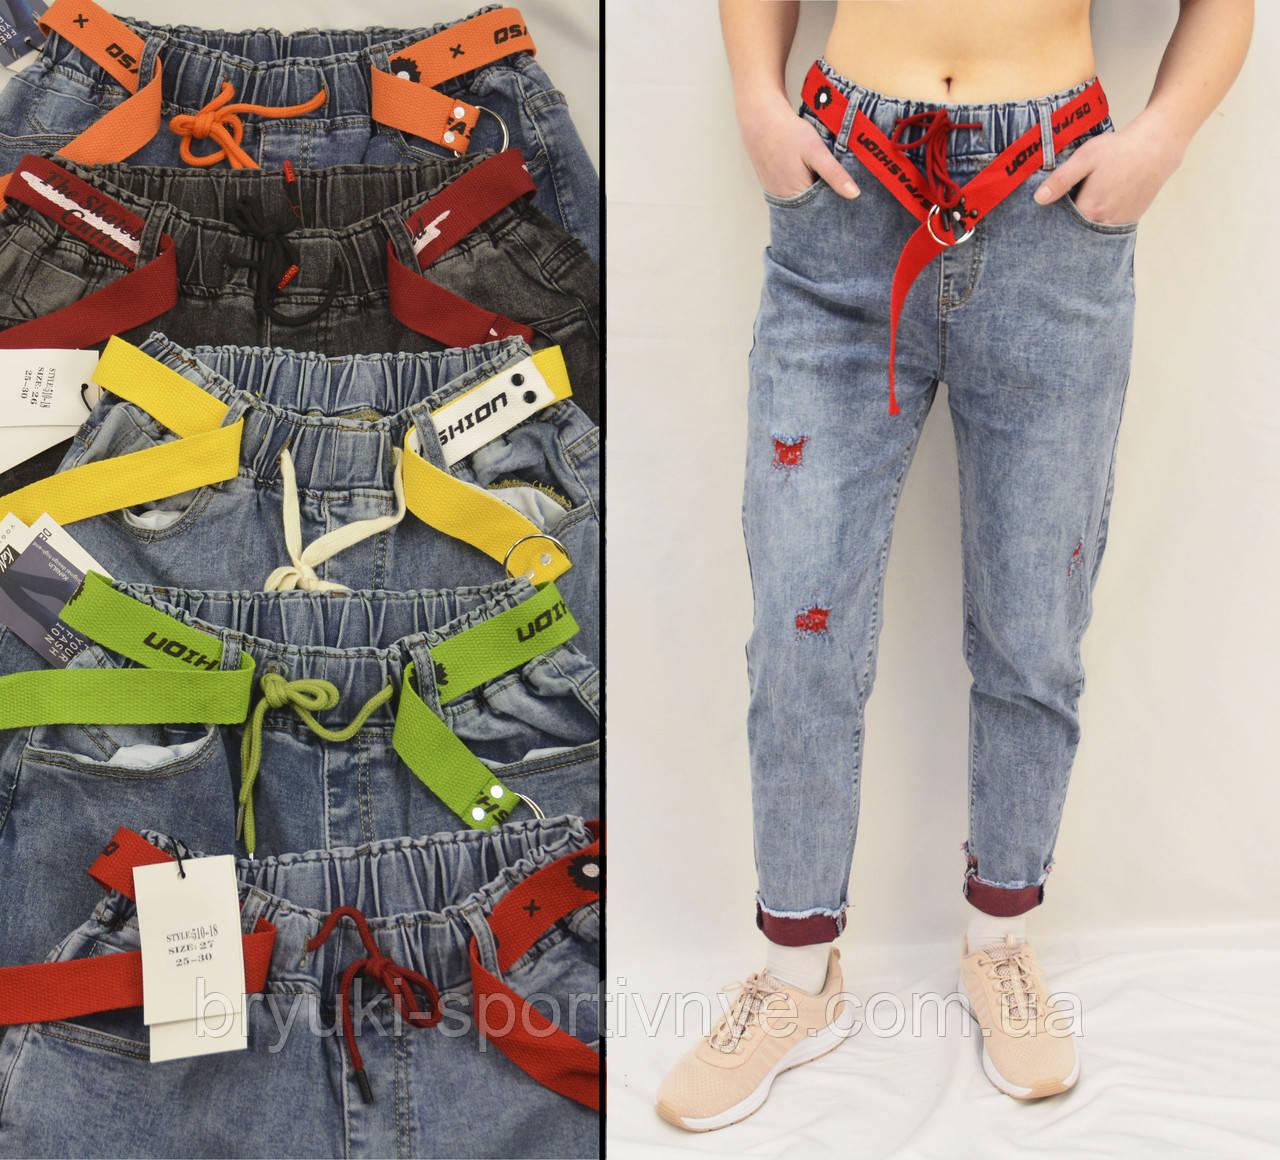 Джинсы МОМ с ярким ремнем  Женские стильные джинсы с потертостями Размер 25 - 30 (Голуой джинс, Красный пояс)